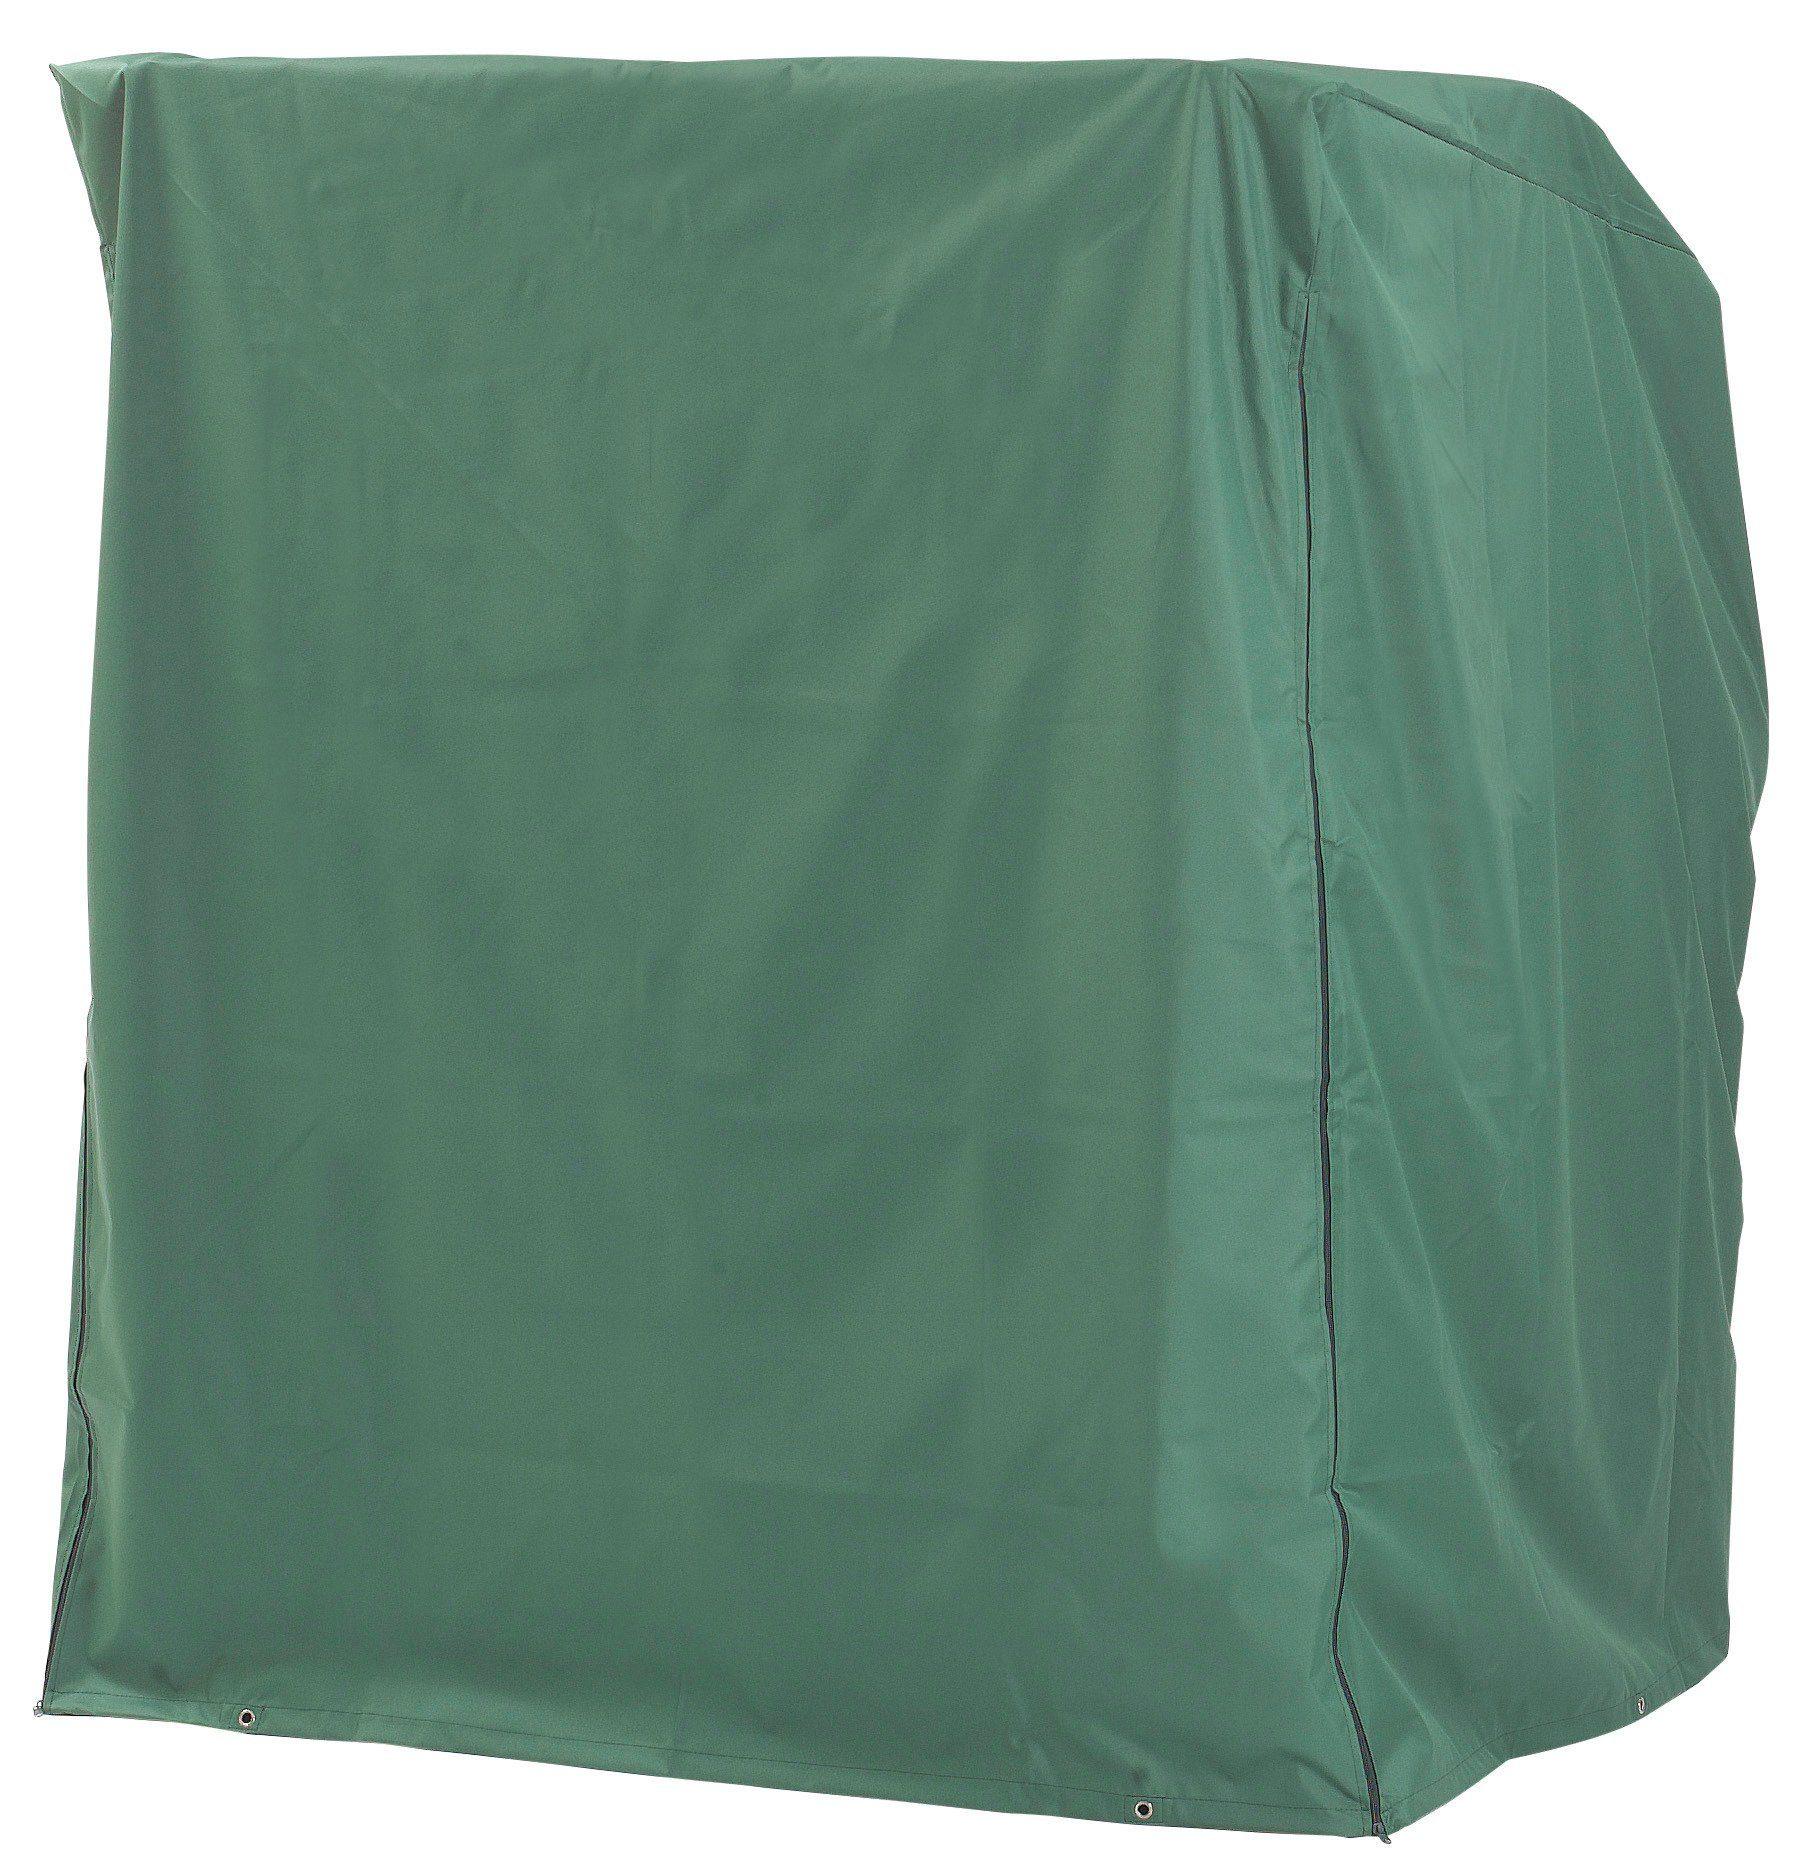 Strandkorb Schutzhülle für 2-Sitzer, Grün